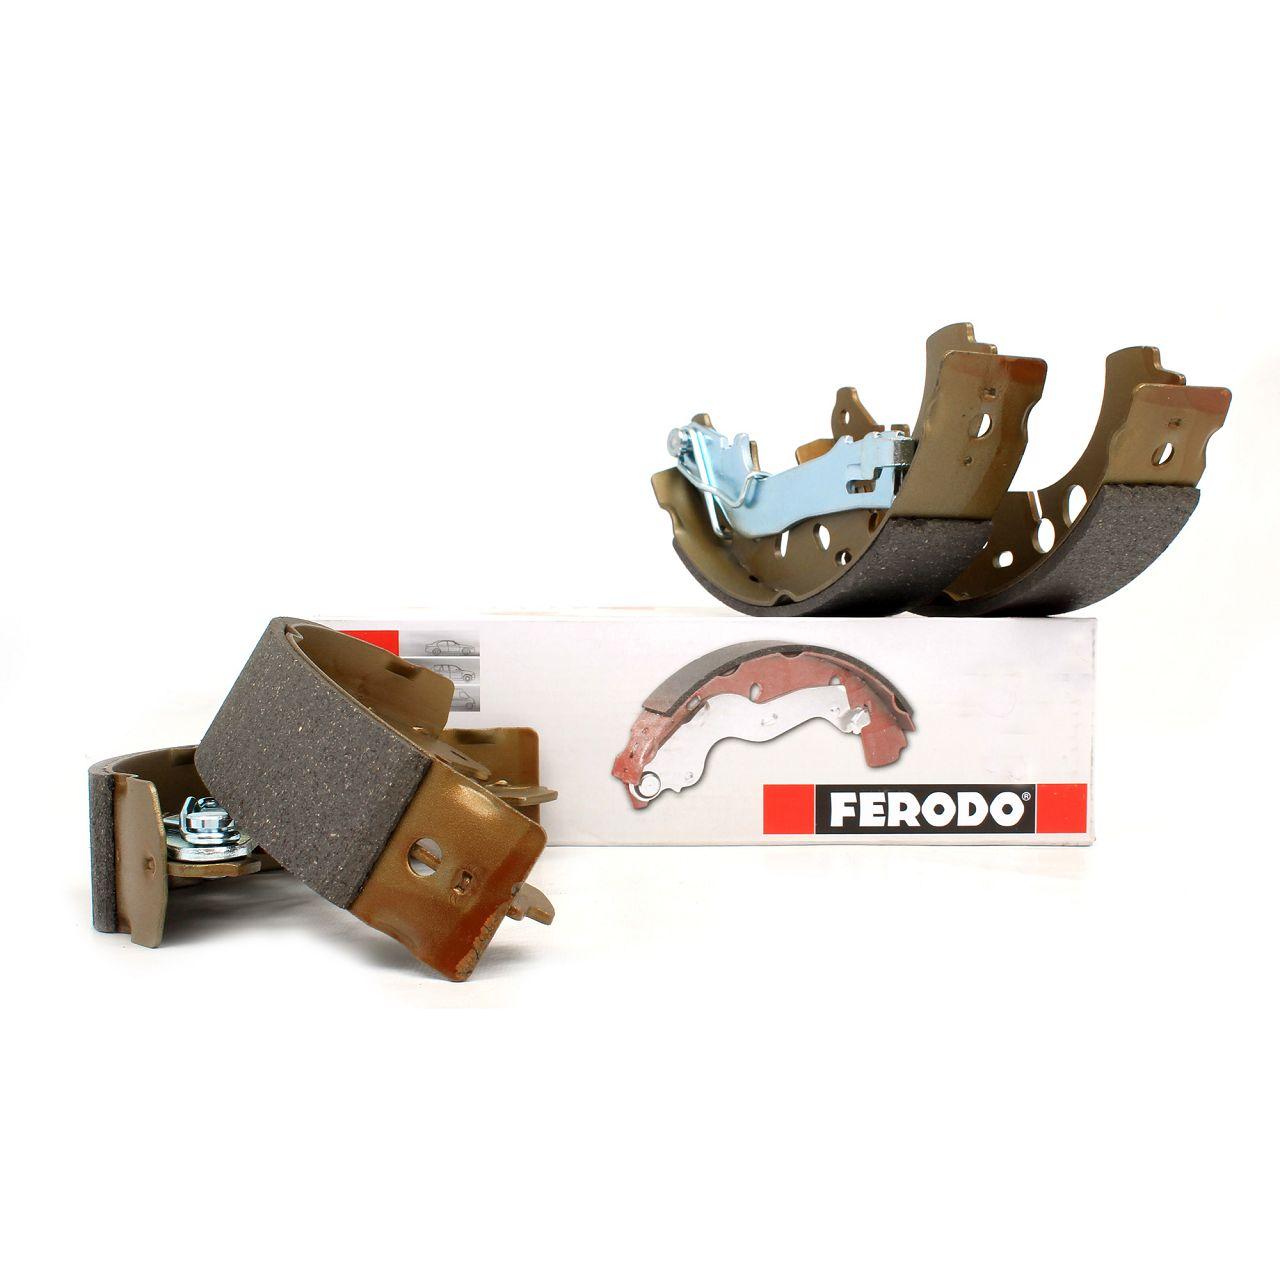 FERODO FSB682 Bremsbacken Satz FIAT Grande / Punto Evo (199_) Qubo OPEL Adam Corsa D E